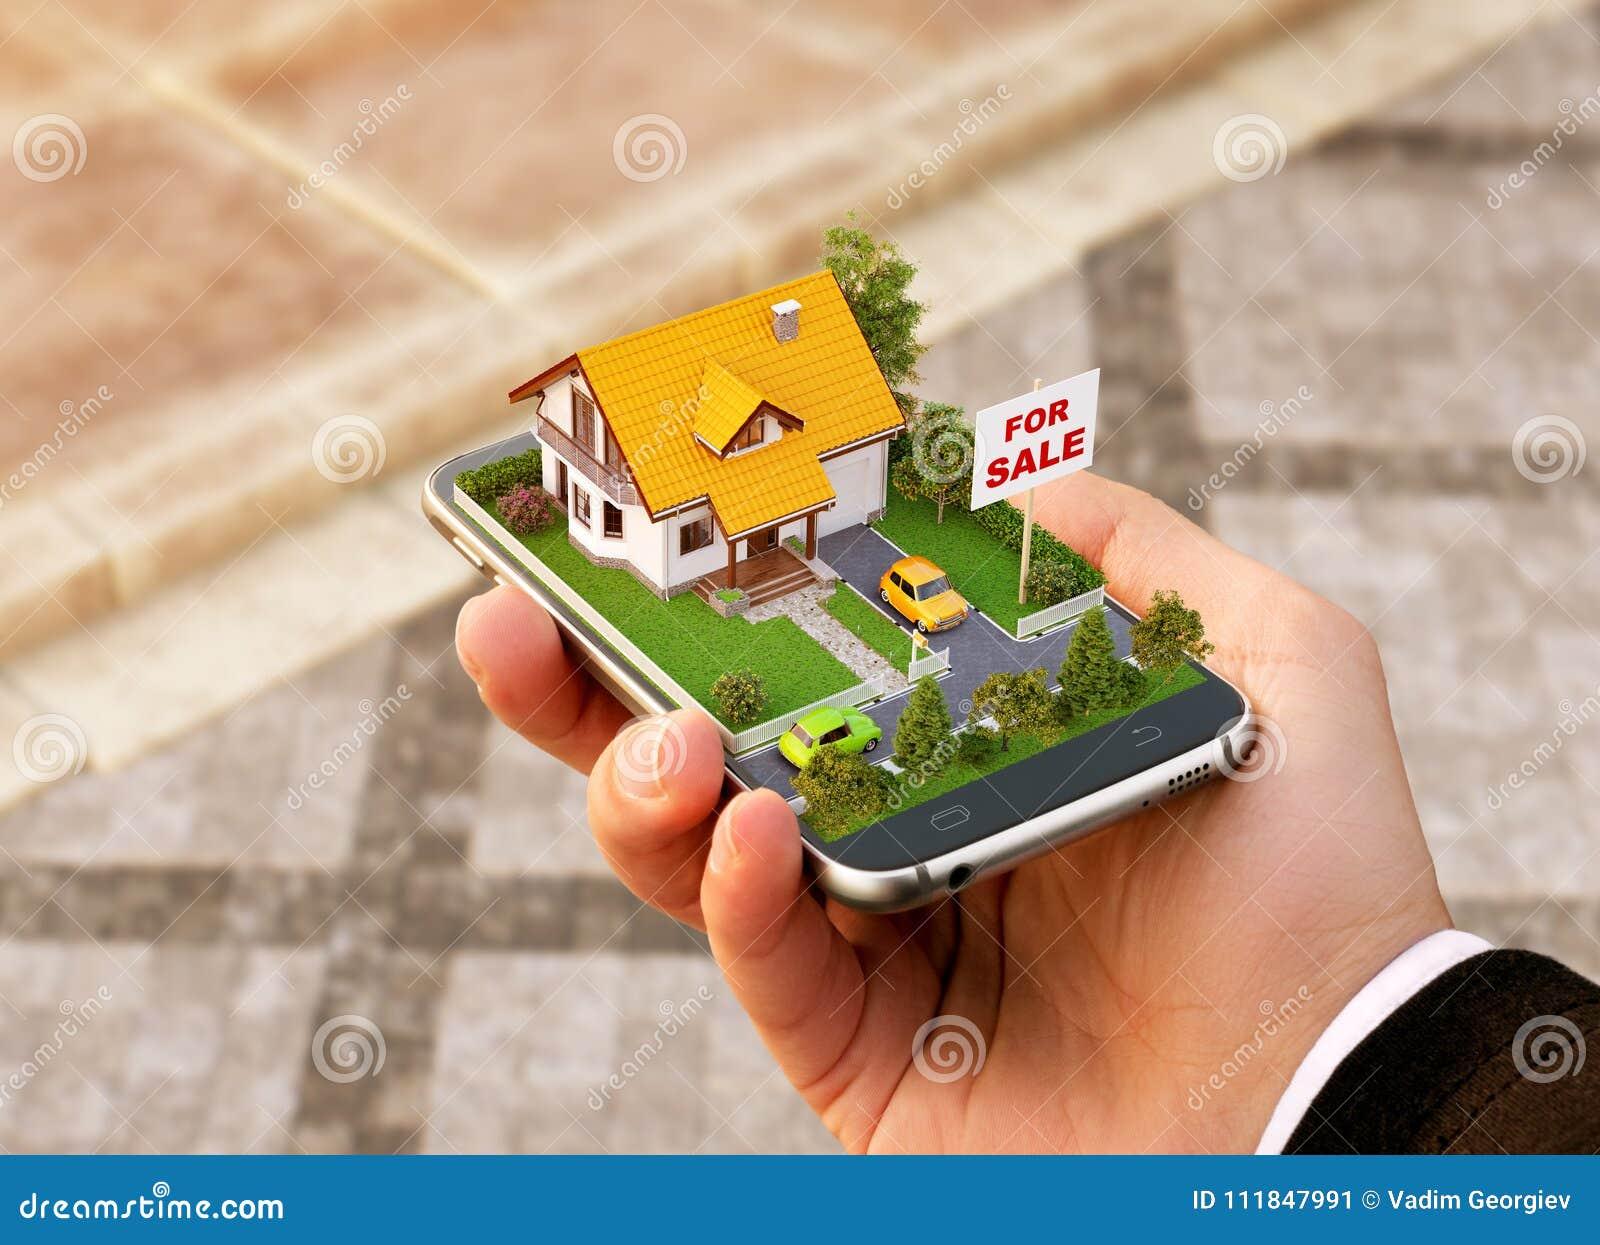 Uso de Smartphone para la búsqueda en línea, propiedades inmobiliarias comprar, vender y reservar